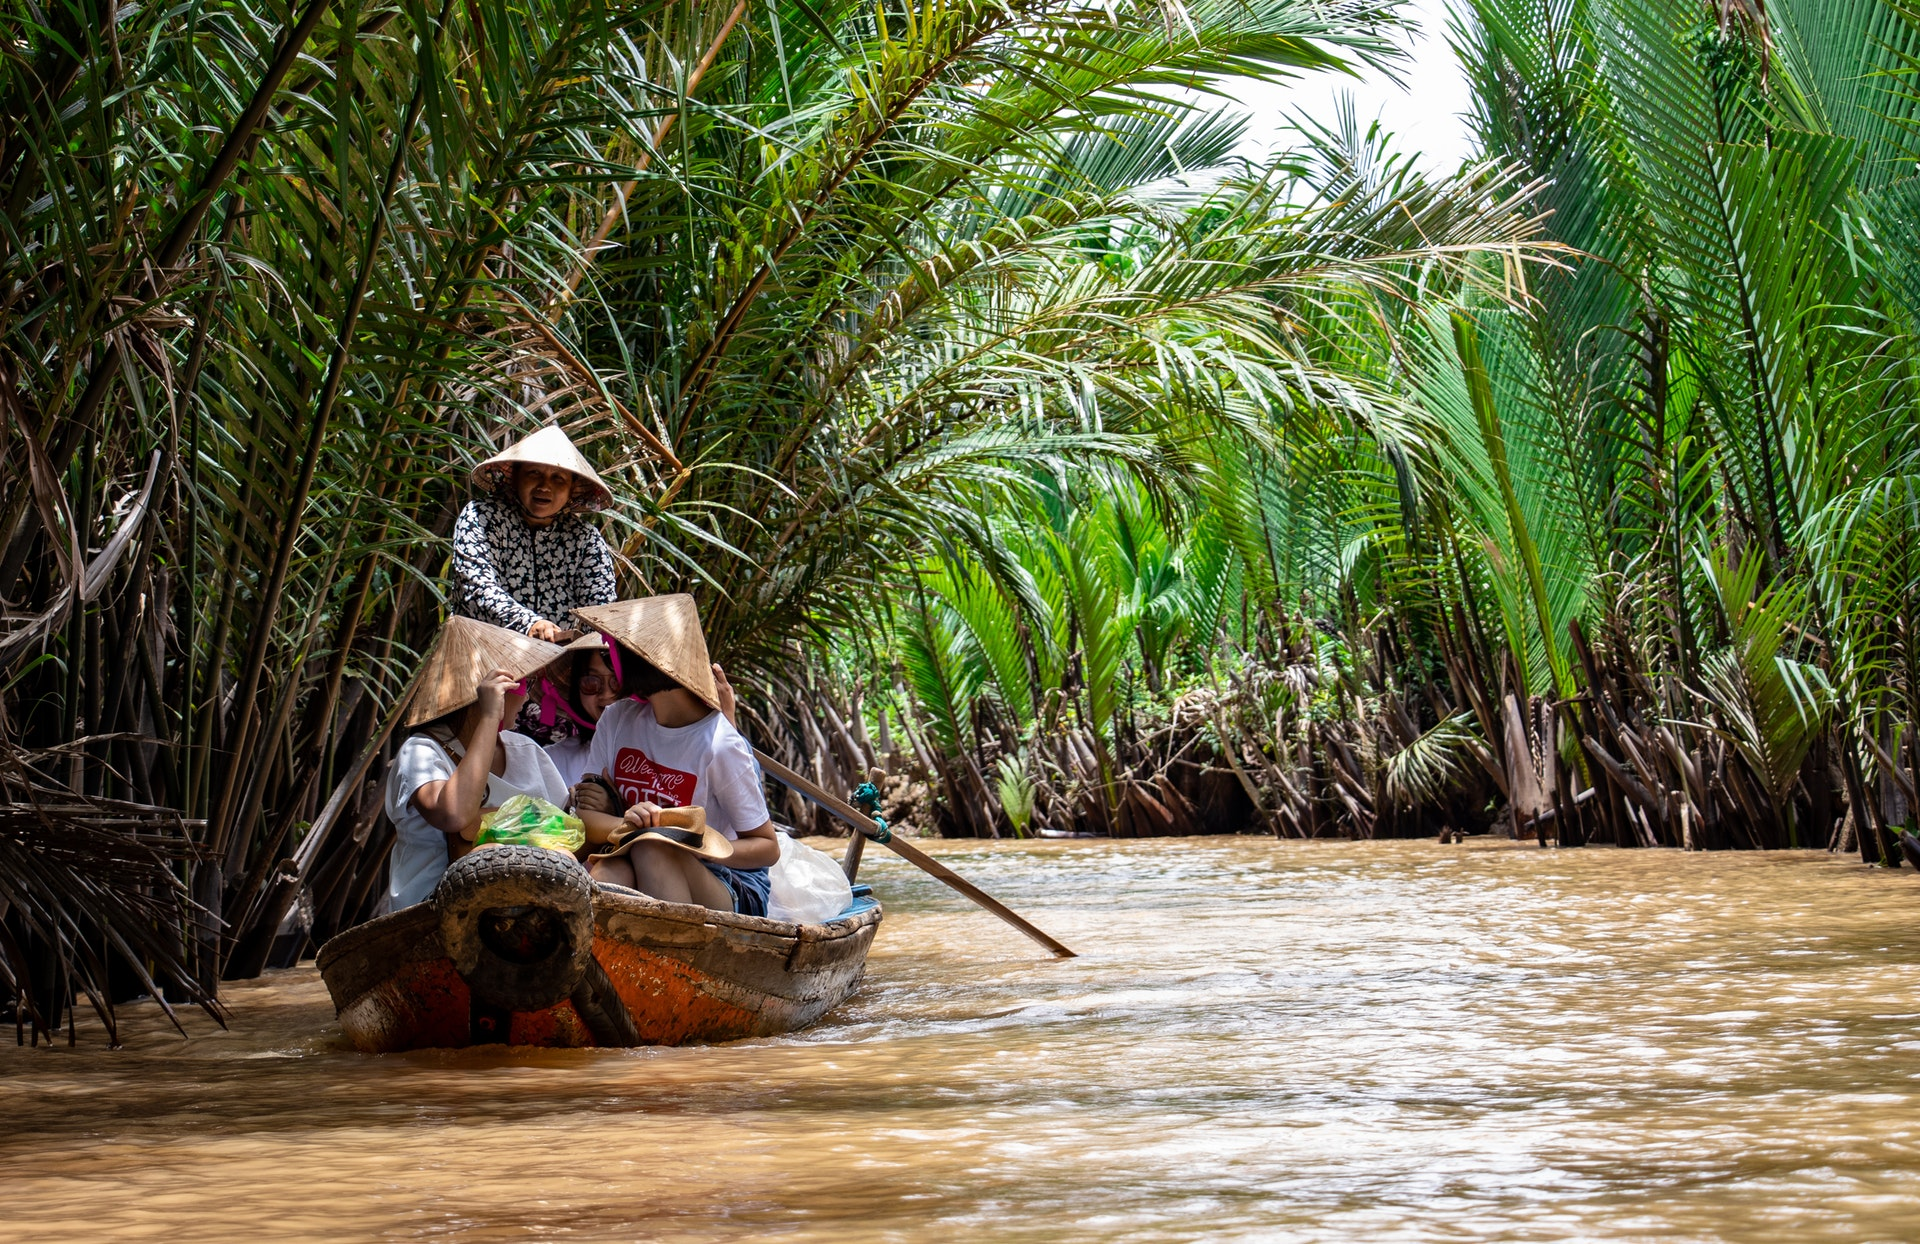 Vietnam-Boat-Tour-Gondola-Tourists